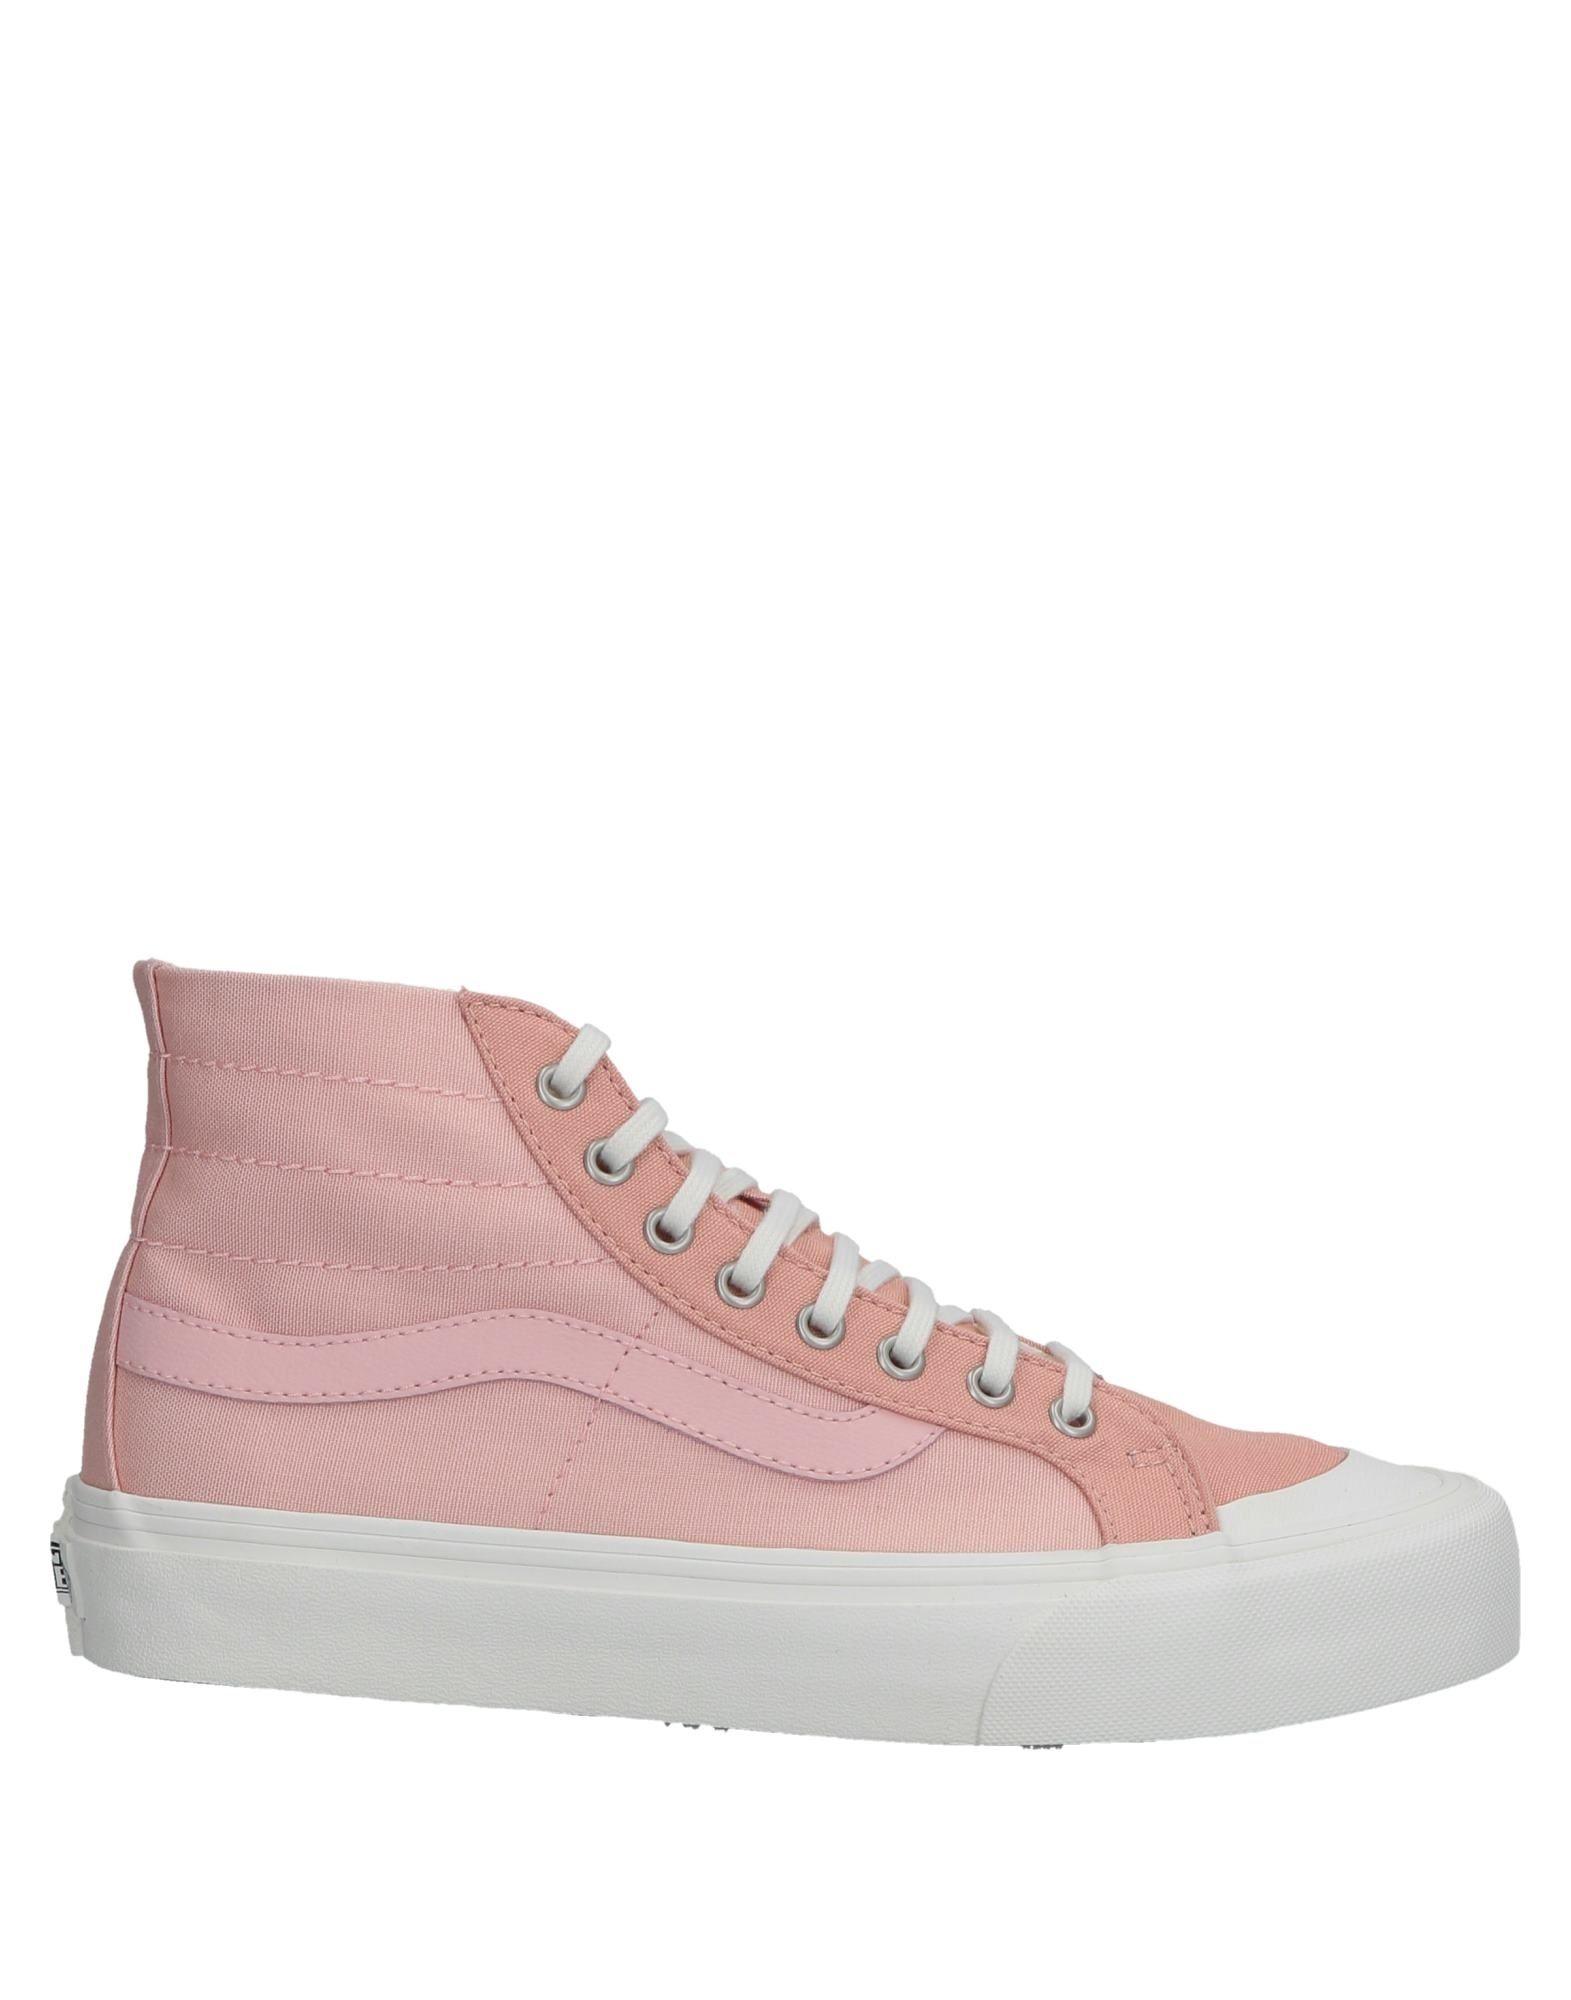 Baskets Vans Femme - pas Baskets Vans Rose Mode pas - cher et belle c5ba0a